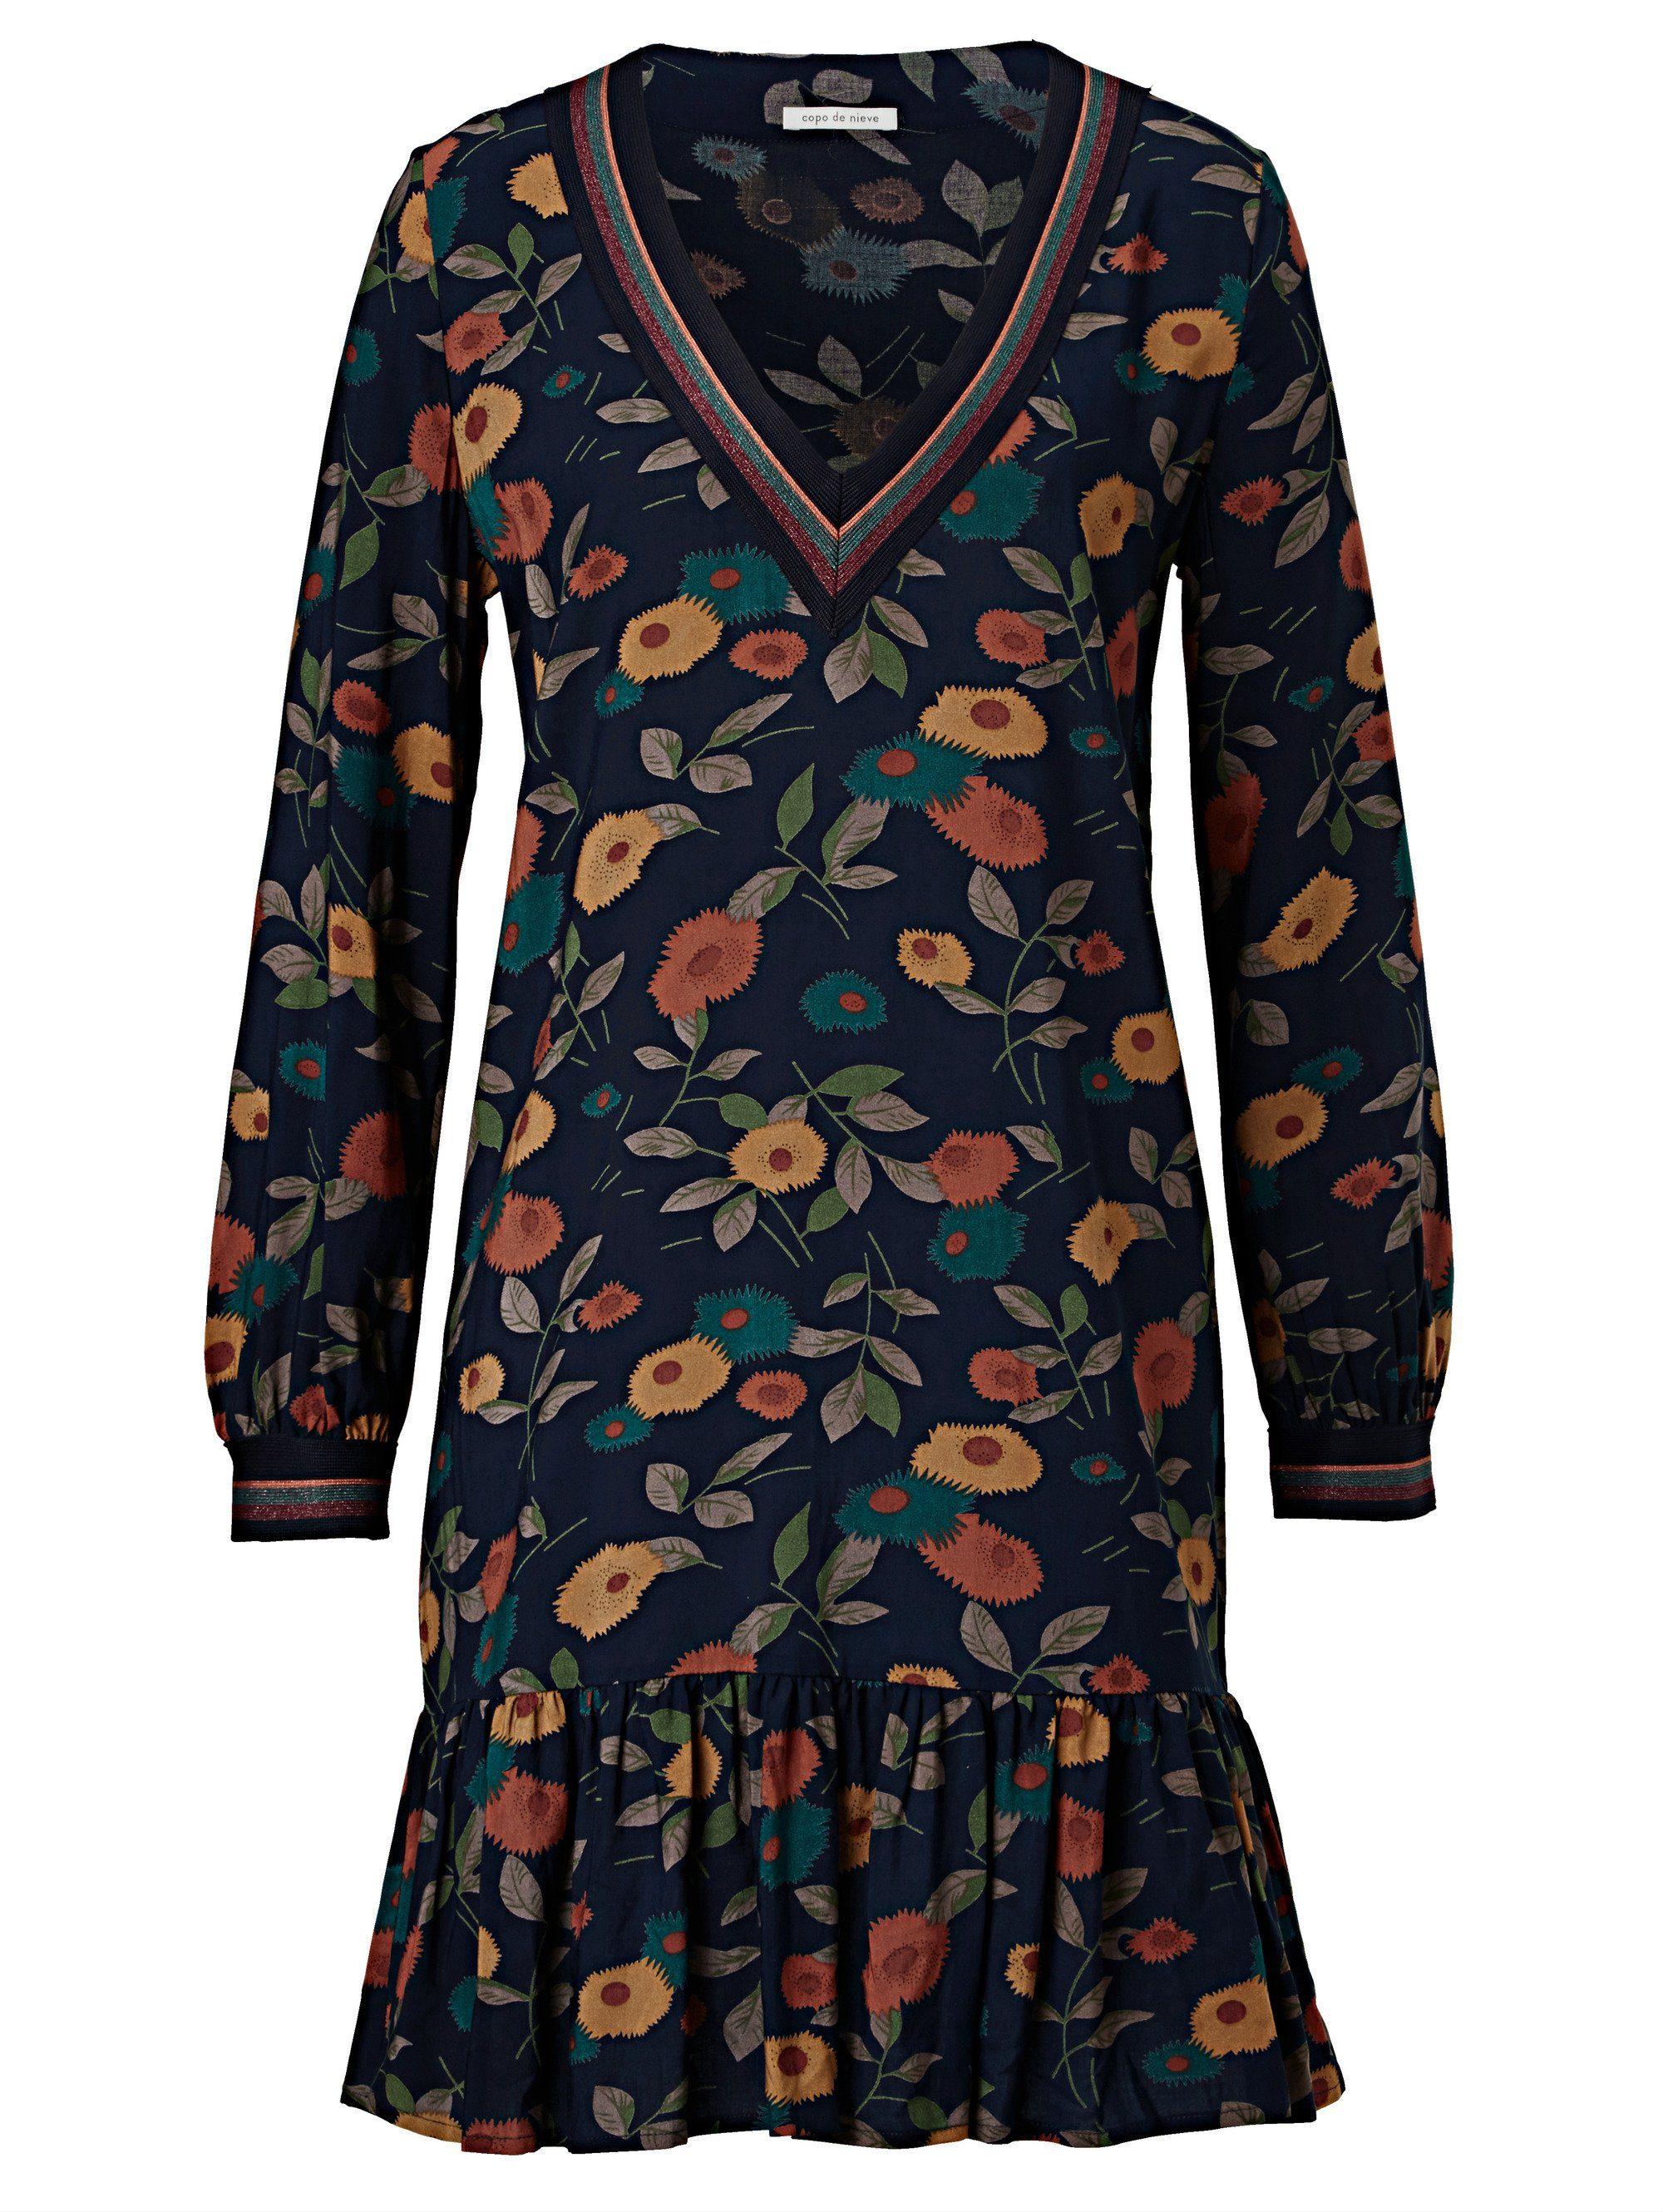 Blumenprint Mit Kaufen Copo Nieve Online De Kleid qUpGSzMV